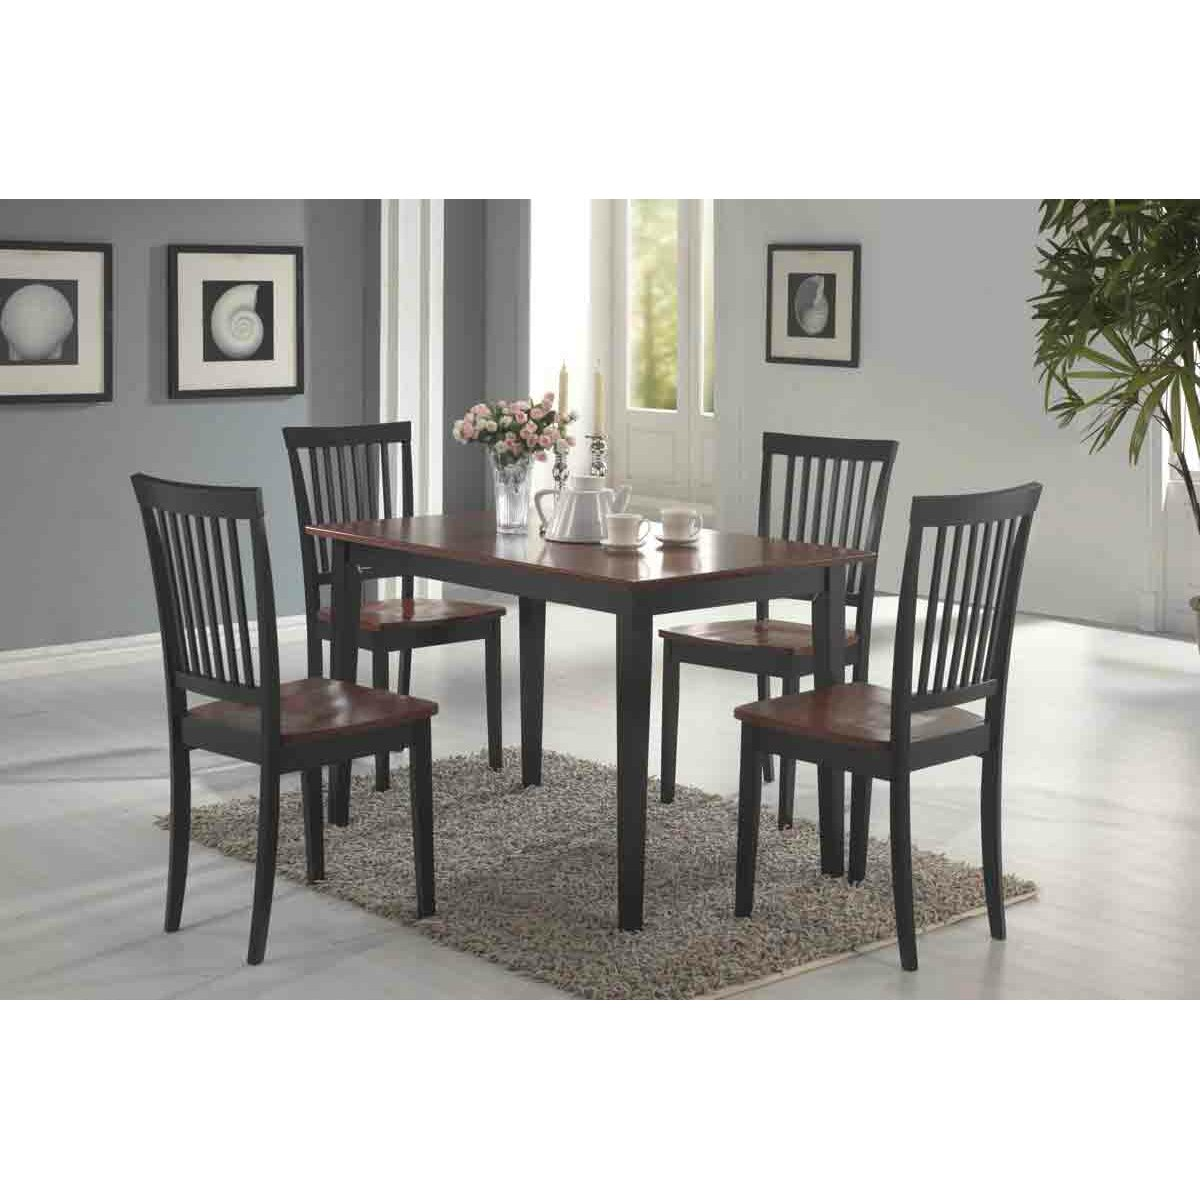 Wildon home eagar 5 piece dining set reviews for Wildon home dining